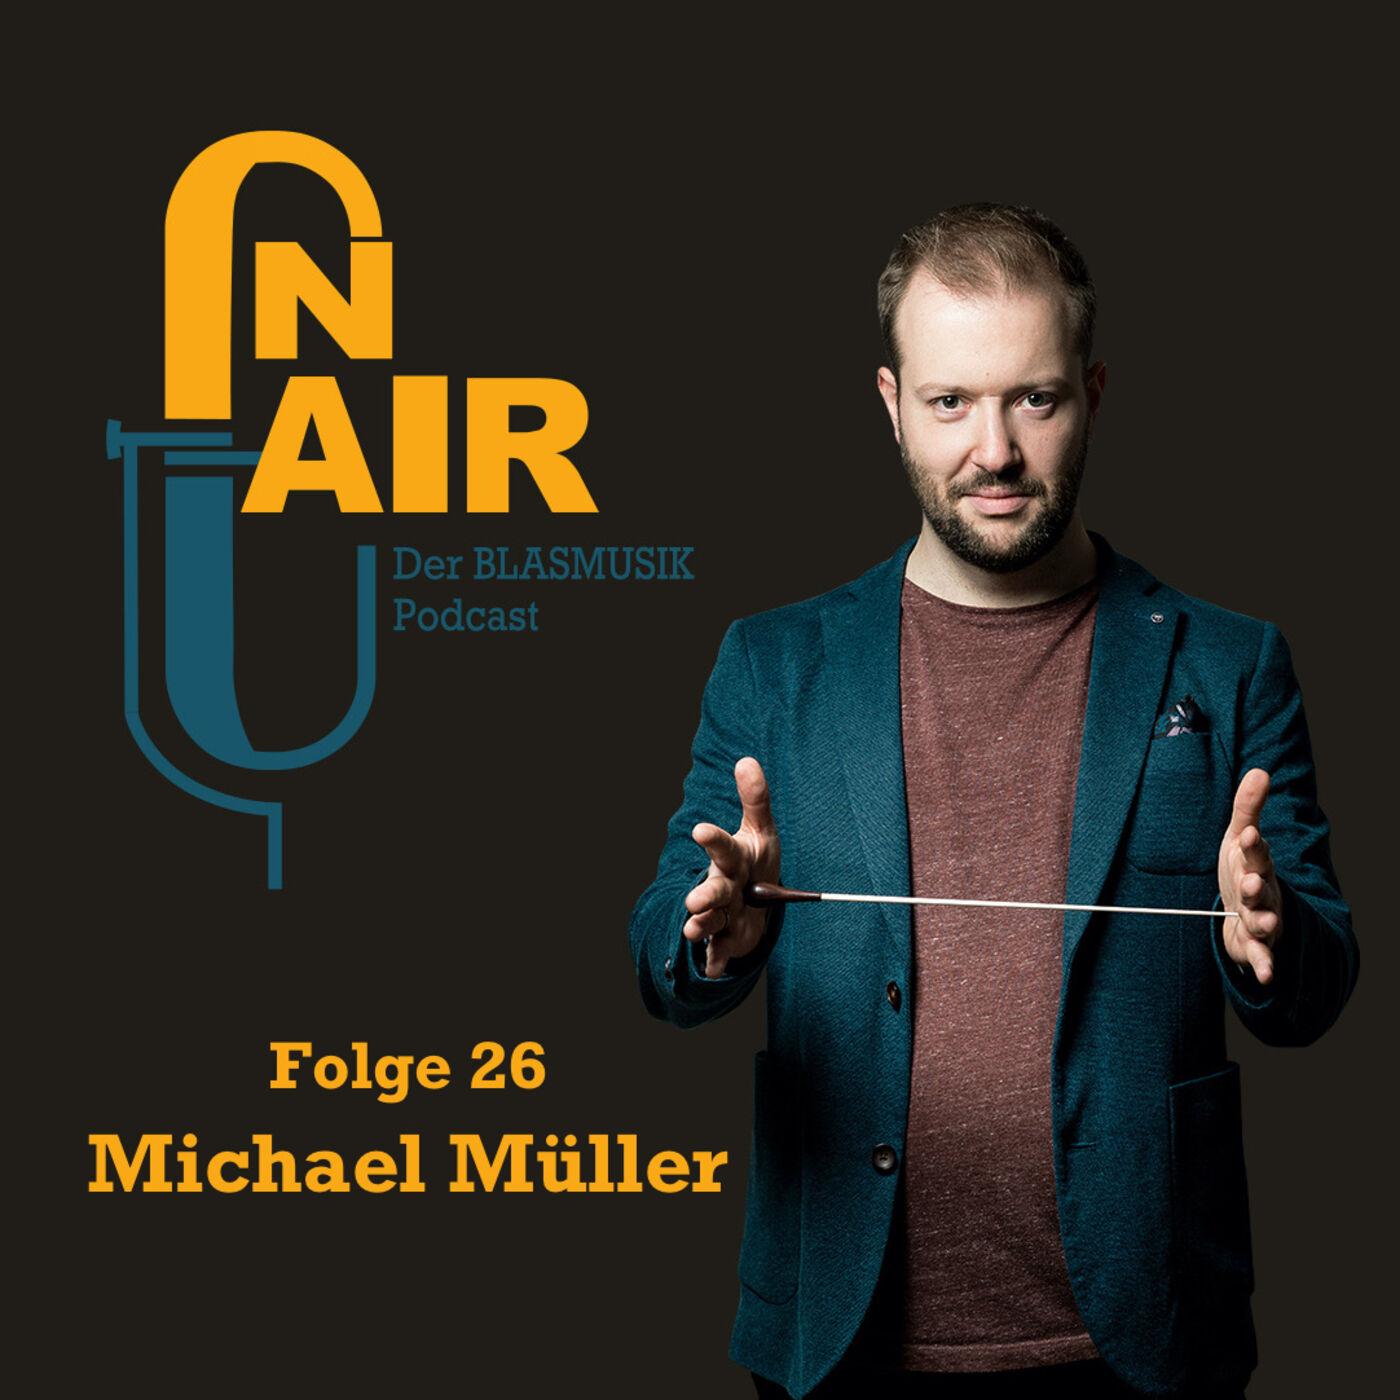 Michael Müller - In der Musik habe ich etwas gefunden, das mich glücklich macht und herausfordert